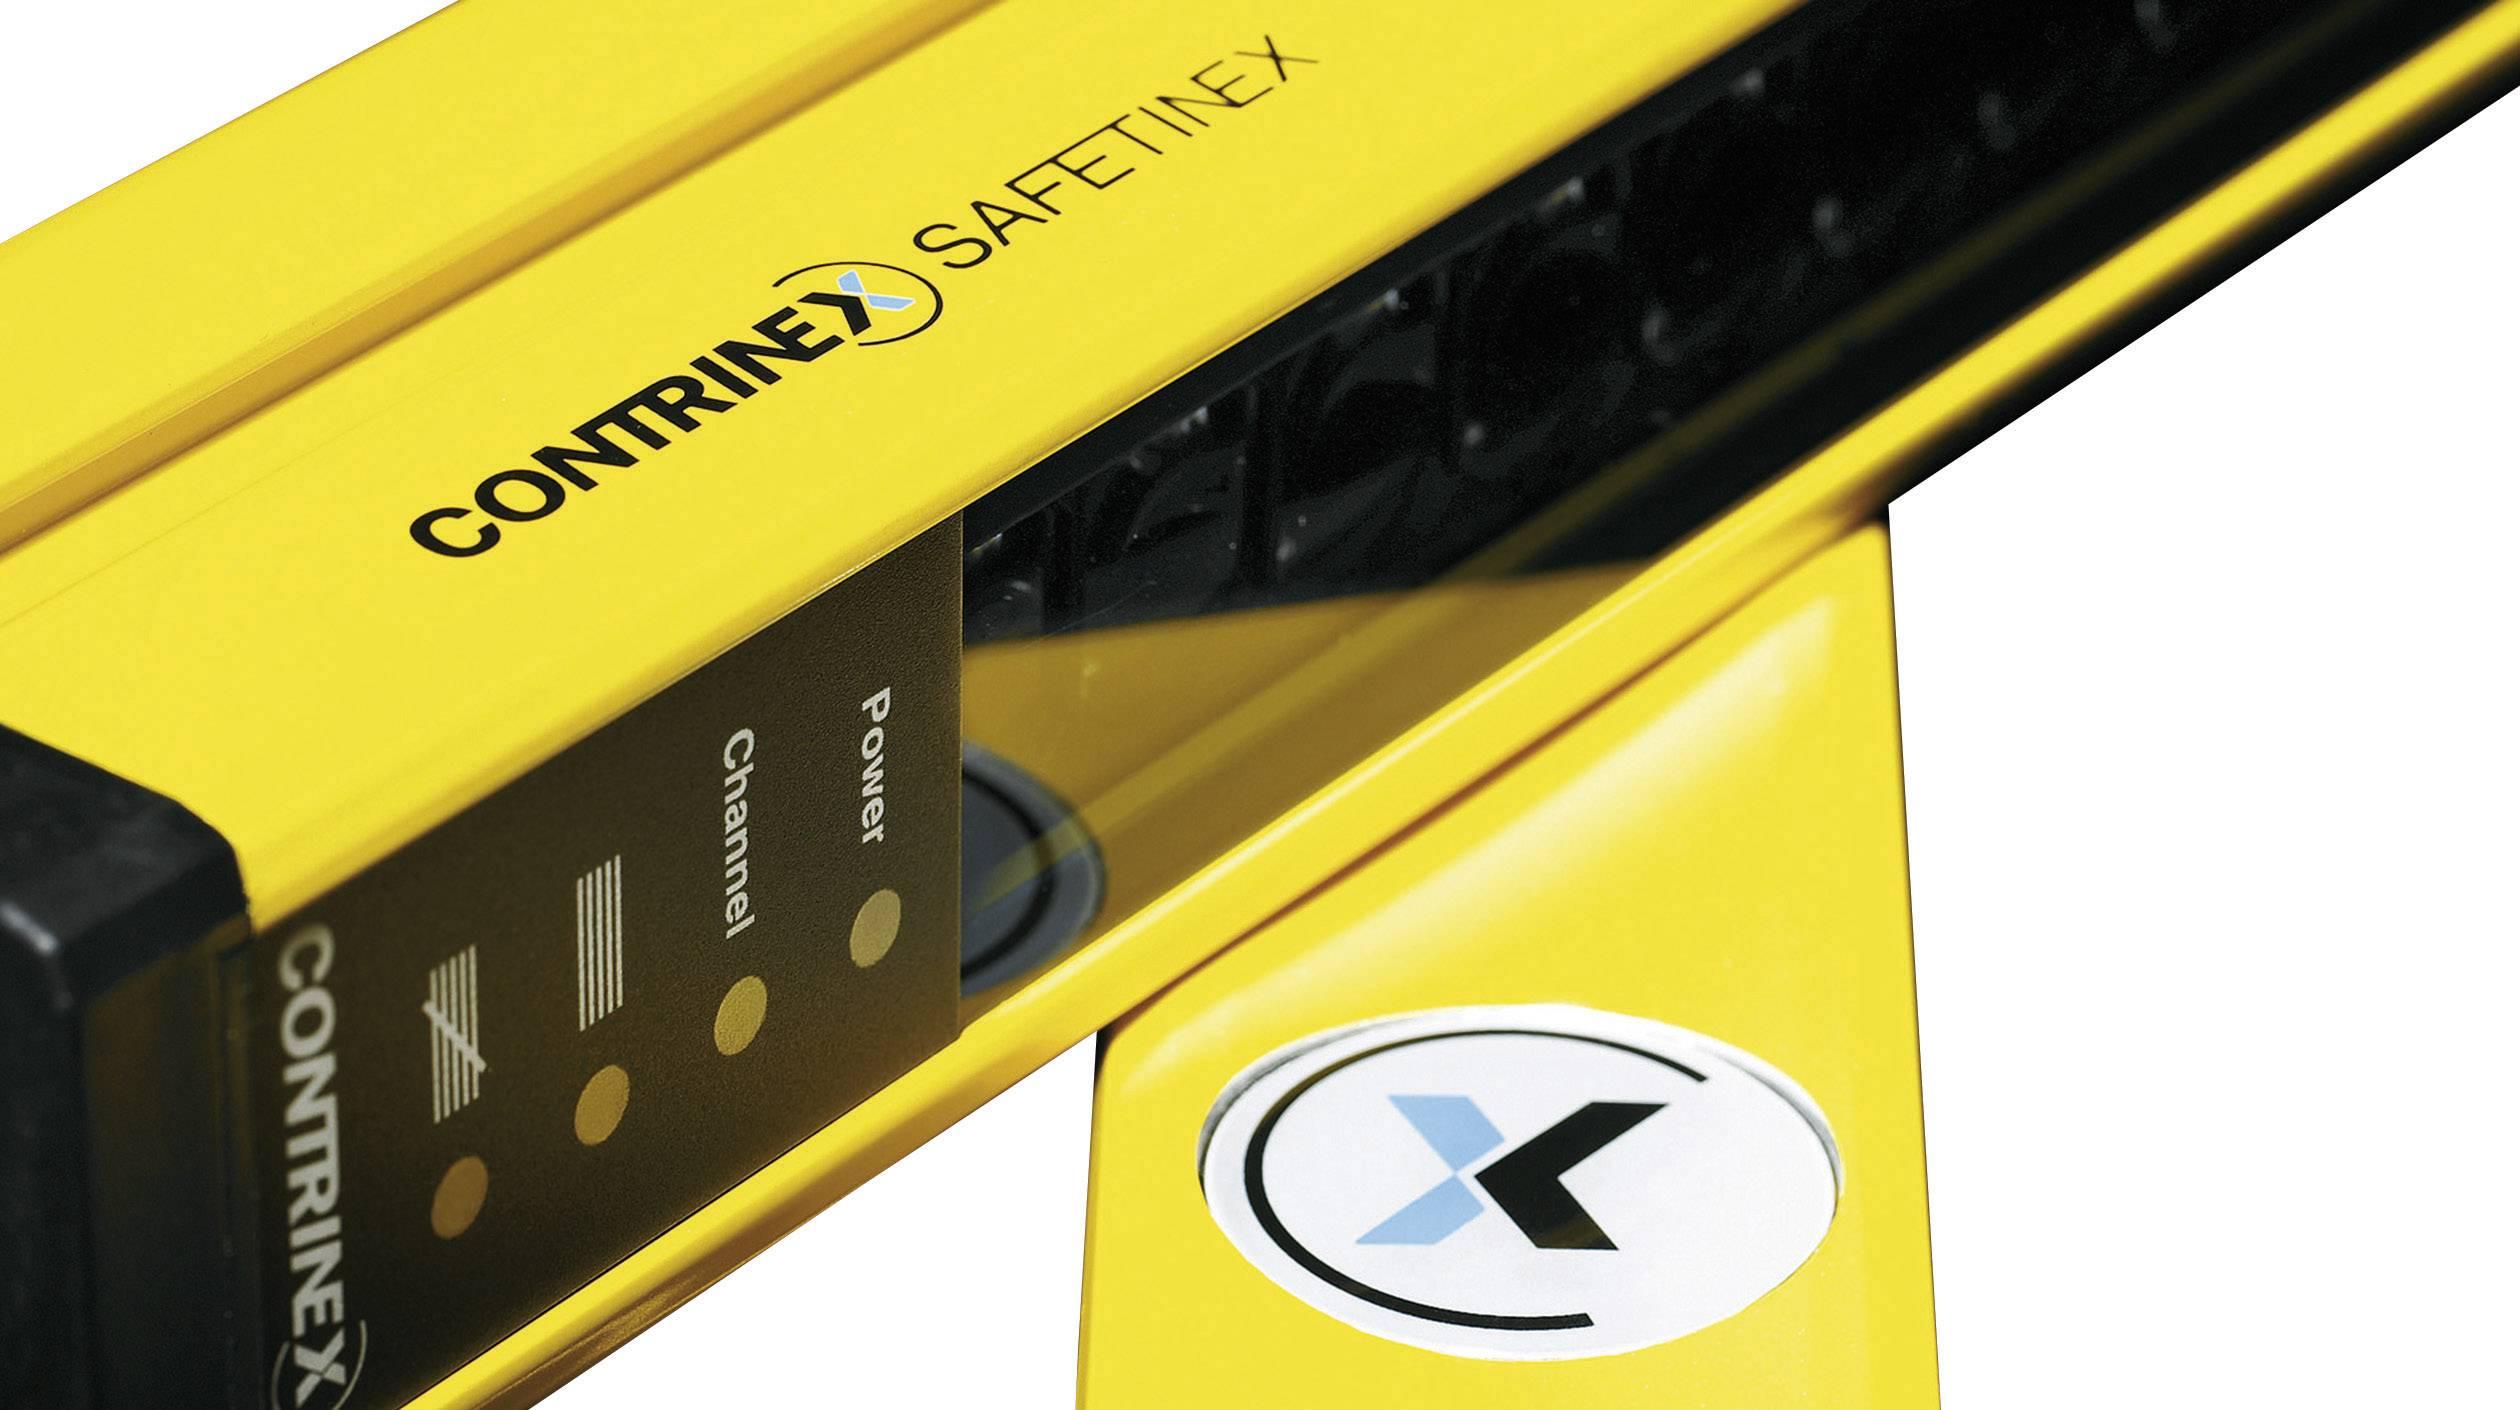 Vícepaprsková bezpečnostní světelná závora pro ochranu osob Contrinex YCA-50S4-3400-G012 630 100 037